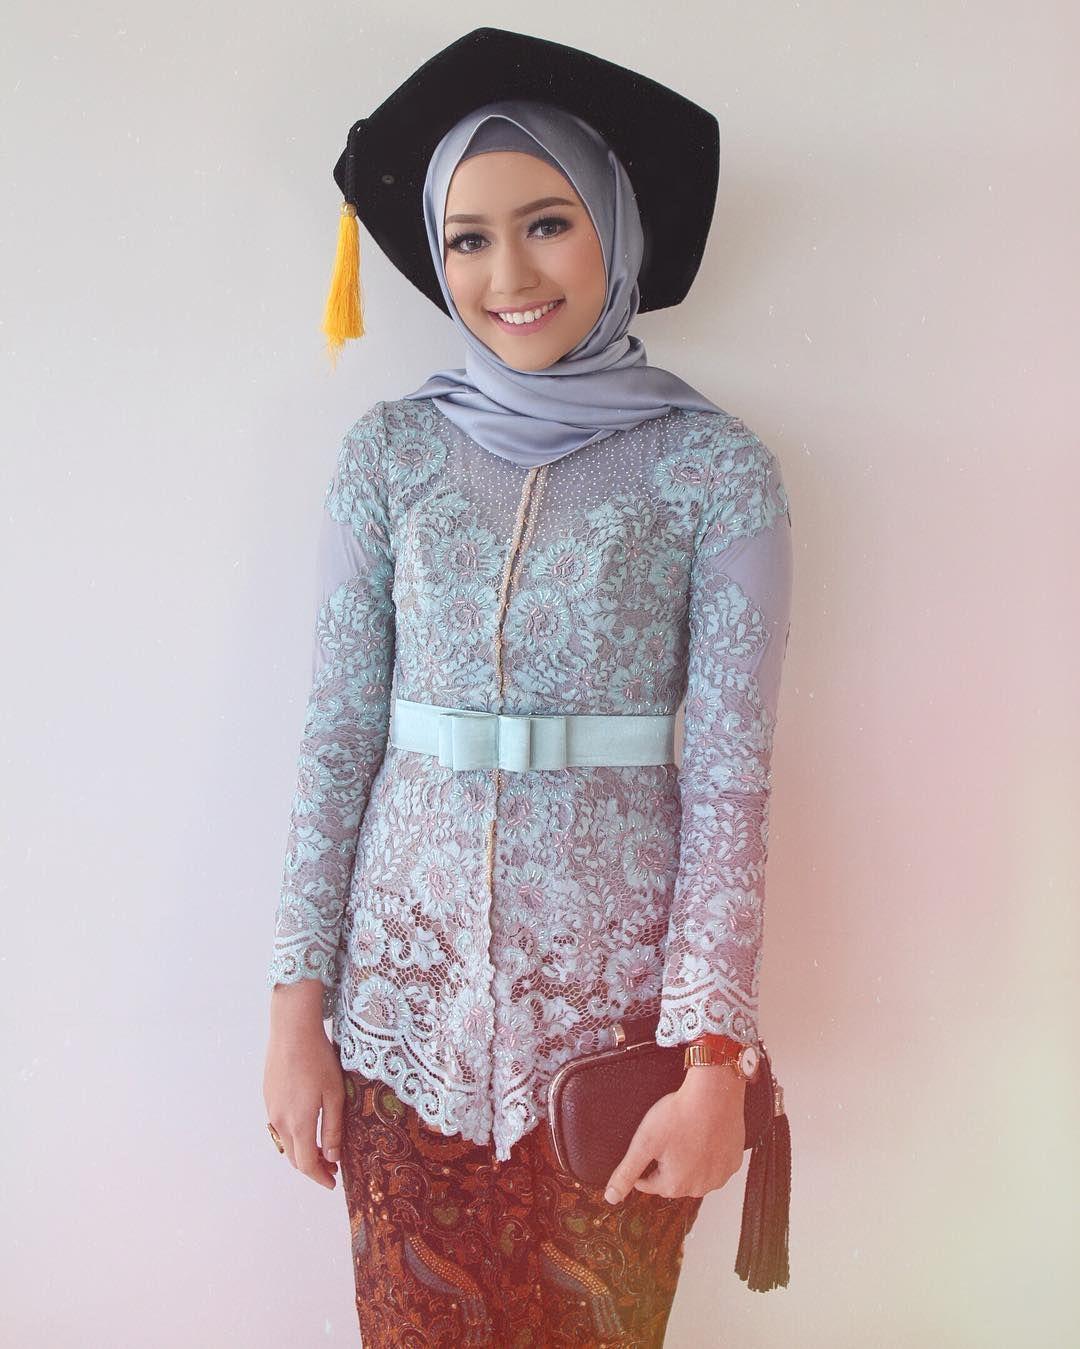 5 Rekomendasi Bahan Hijab Ala Selebgram Hijabers Yang Cocok Untuk Busana Wisuda Semua Halaman Stylo